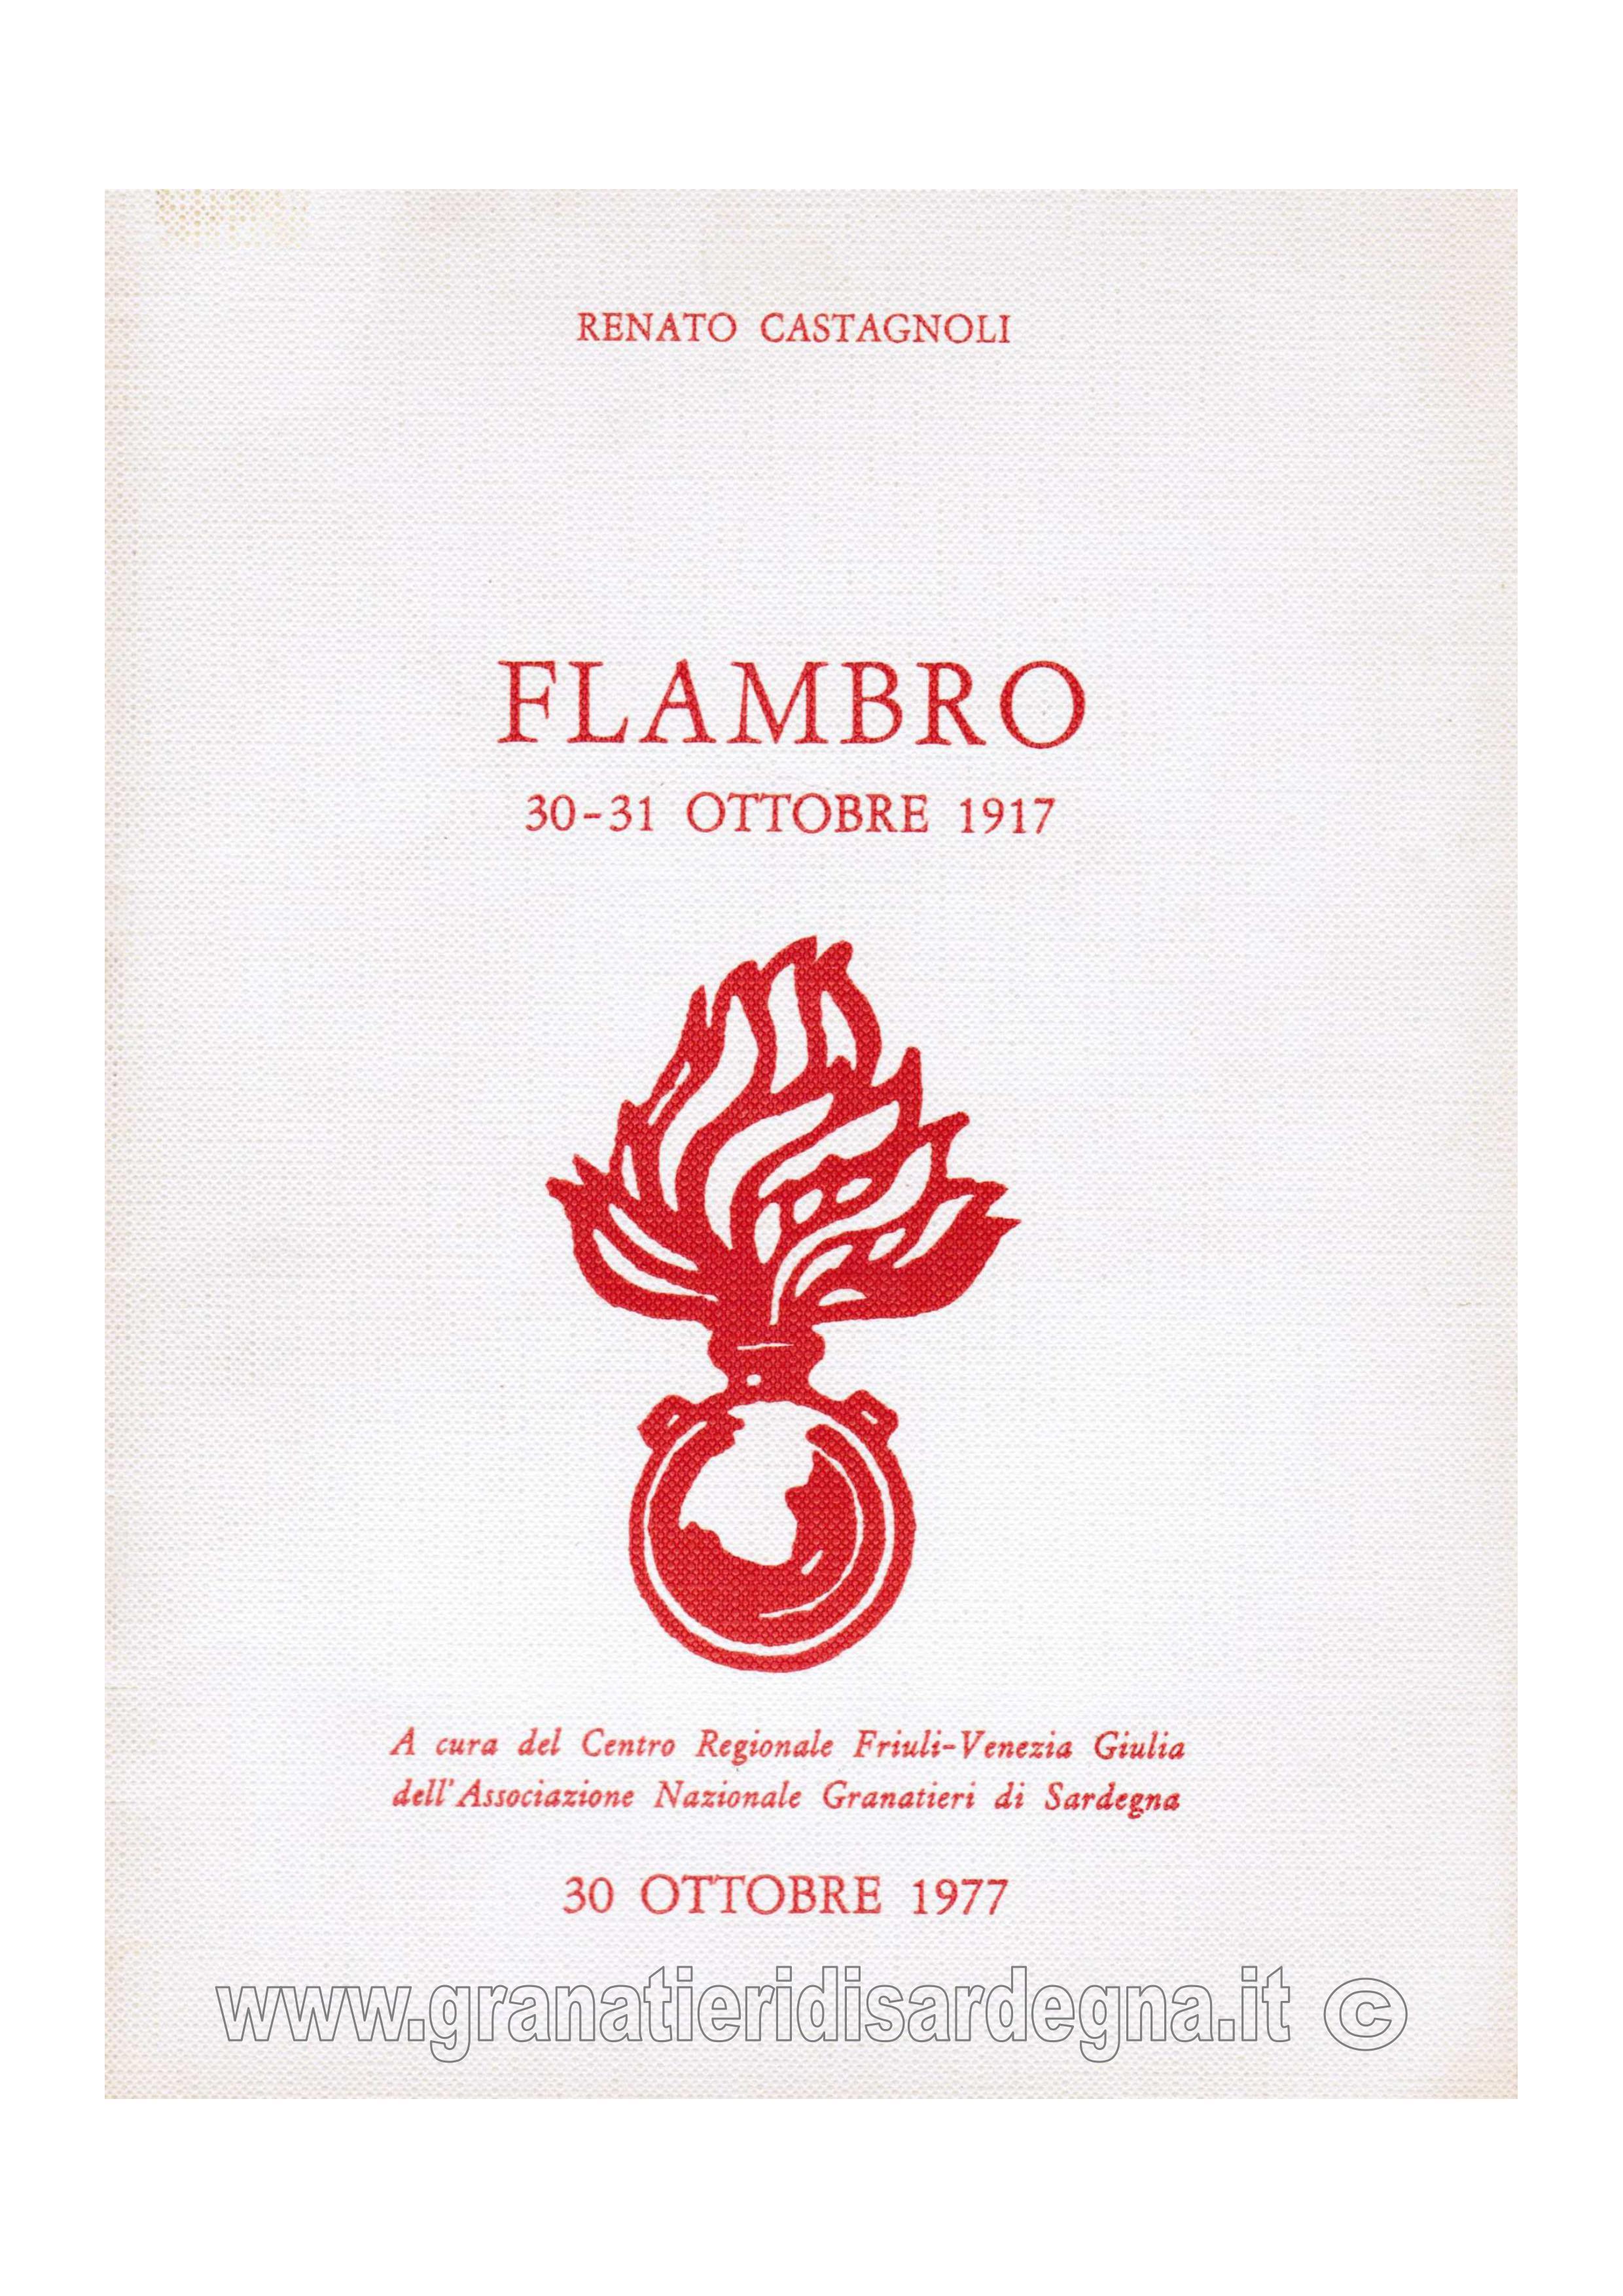 Flambro 30 - 31 ottobre 1917